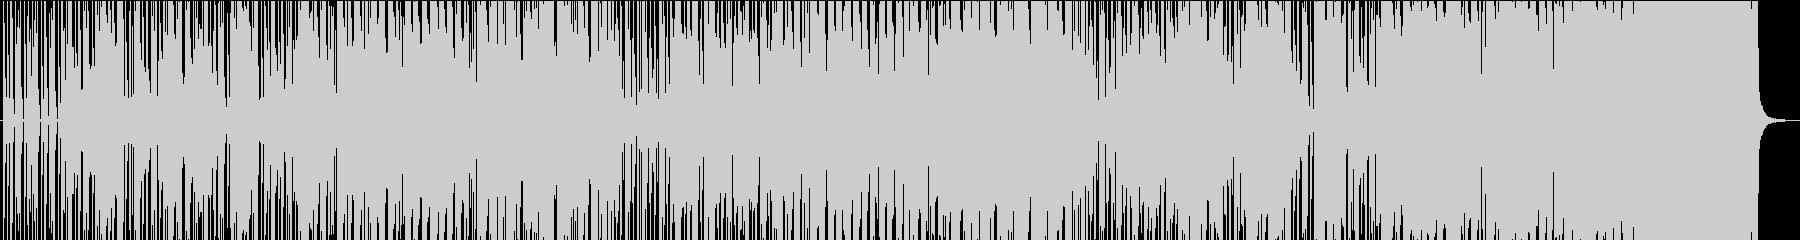 サックスメロディ、ヒップホップ風R&Bの未再生の波形